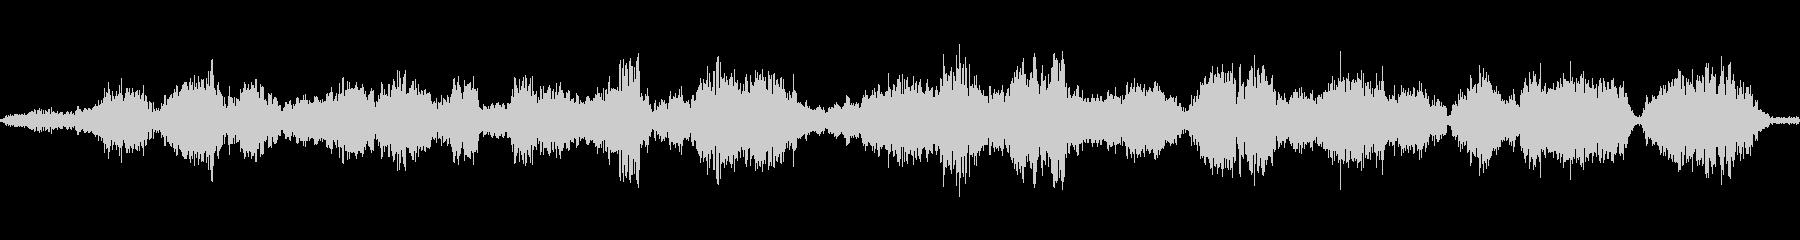 モンスターうめき声の未再生の波形